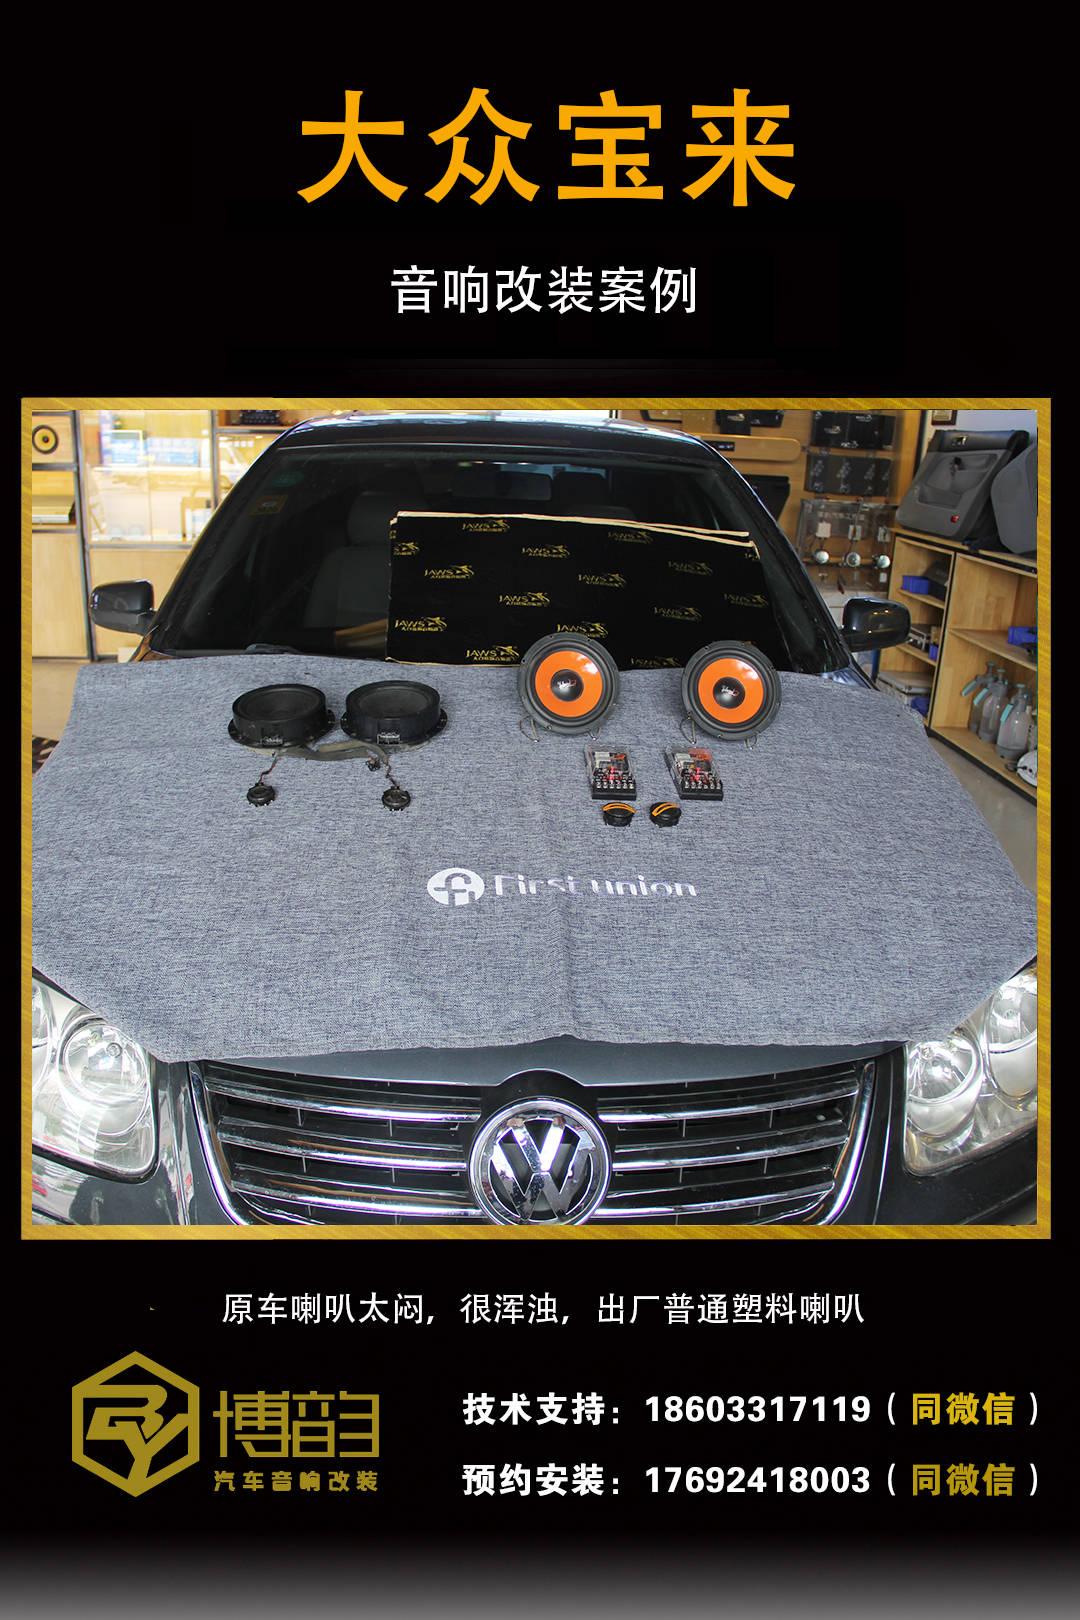 大众经典宝来,音响升级——博韵汽车改装